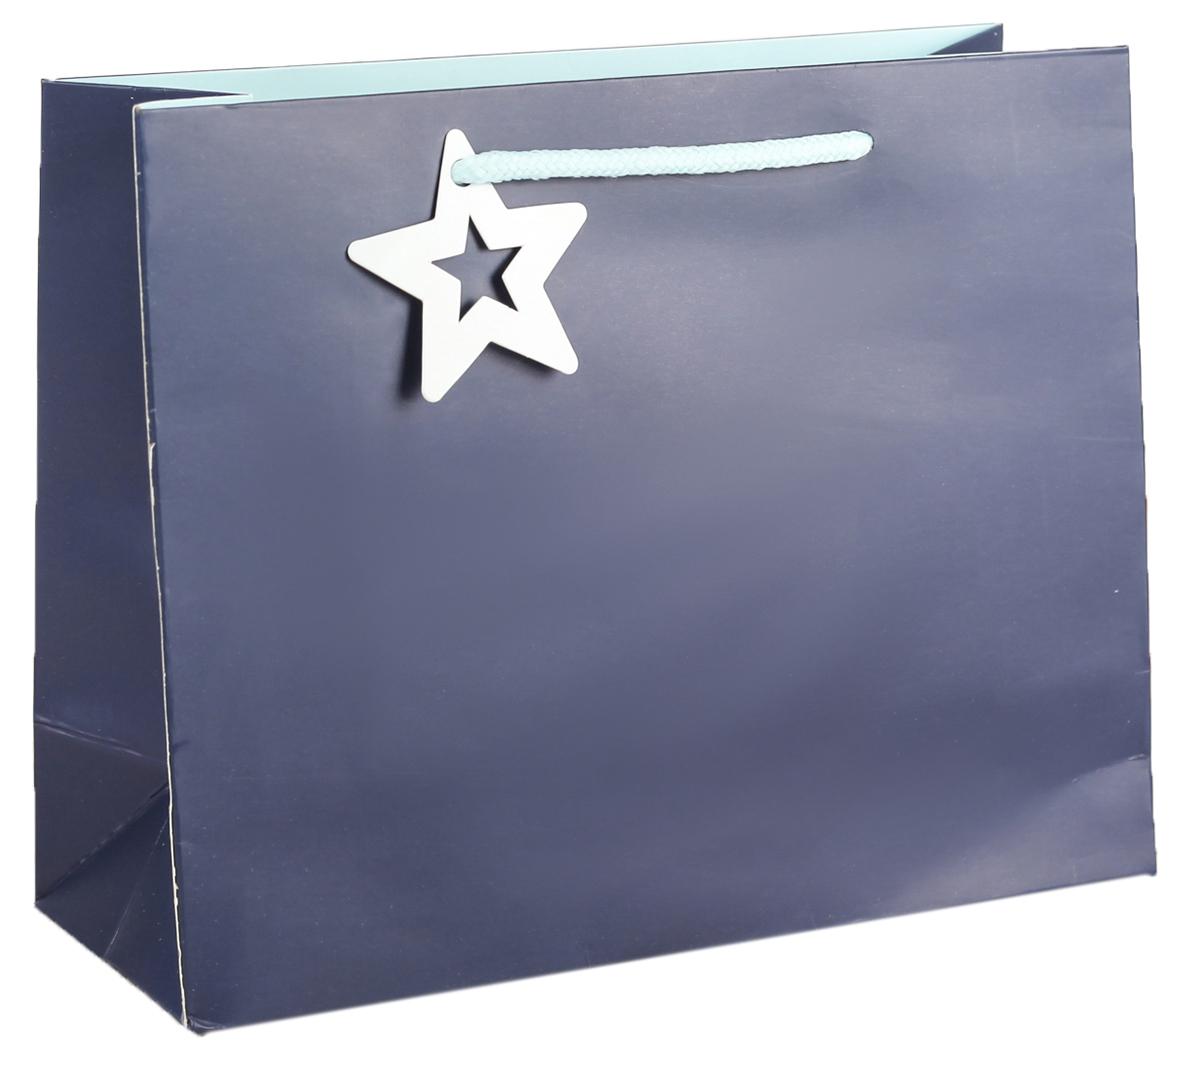 Пакет подарочный, цвет: синий, 14 х 15 х 7 см. 27496692749669Любой подарок начинается с упаковки. Что может быть трогательнее и волшебнее, чем ритуал разворачивания полученного презента. И именно оригинальная, со вкусом выбранная упаковка выделит ваш подарок из массы других. Она продемонстрирует самые теплые чувства к виновнику торжества и создаст сказочную атмосферу праздника. Пакет подарочный - это то, что вы искали.